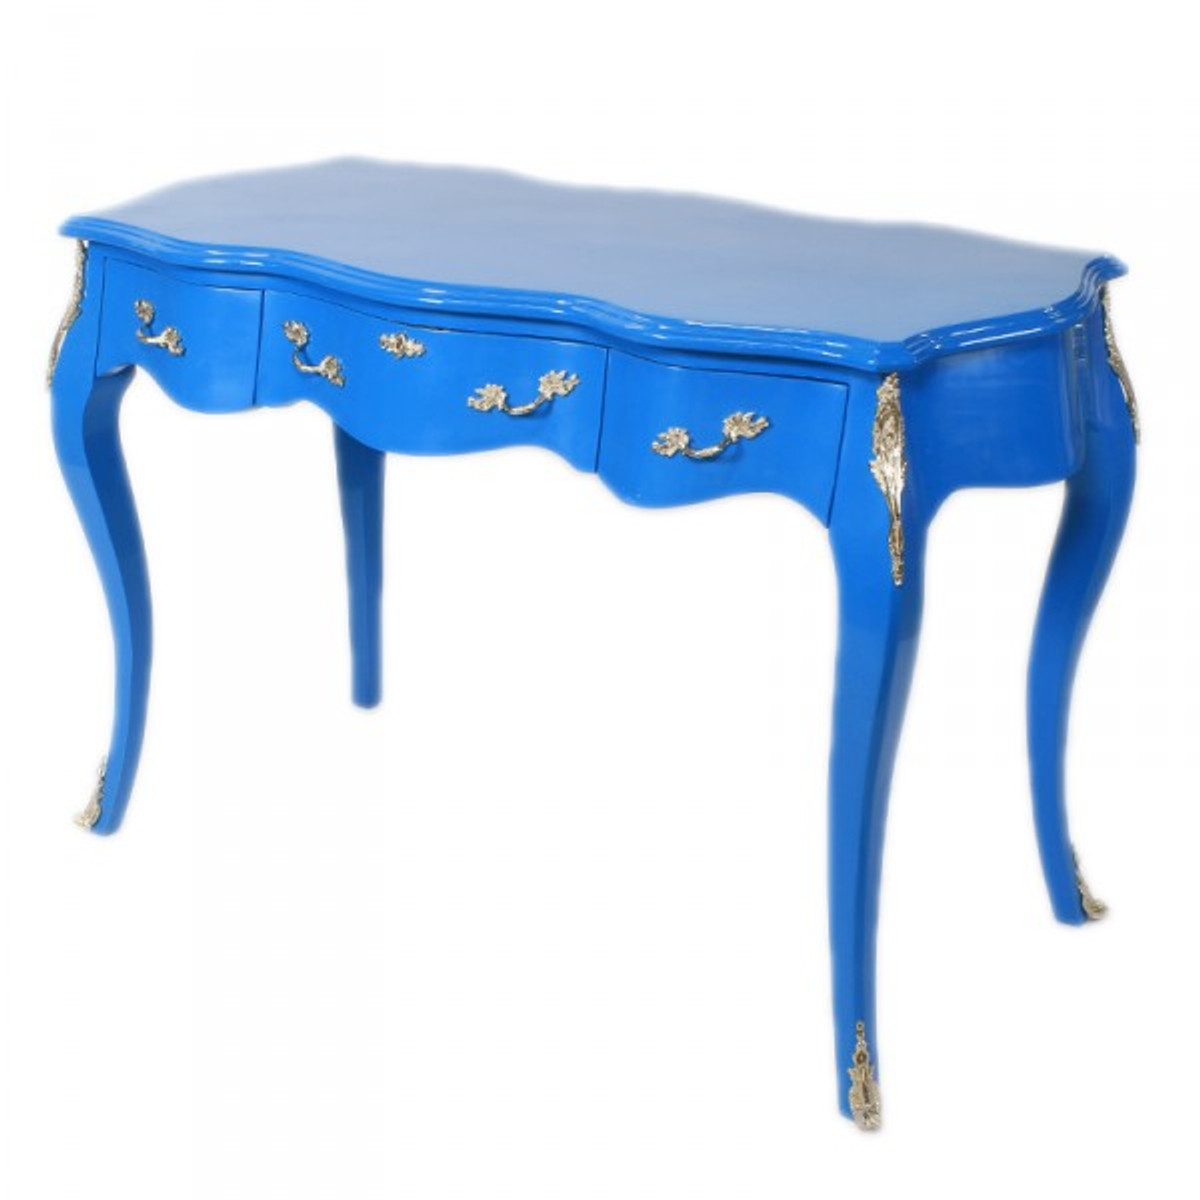 Casa padrino barock schreibtisch sekret r konsole blau for Schreibtisch 120 x 60